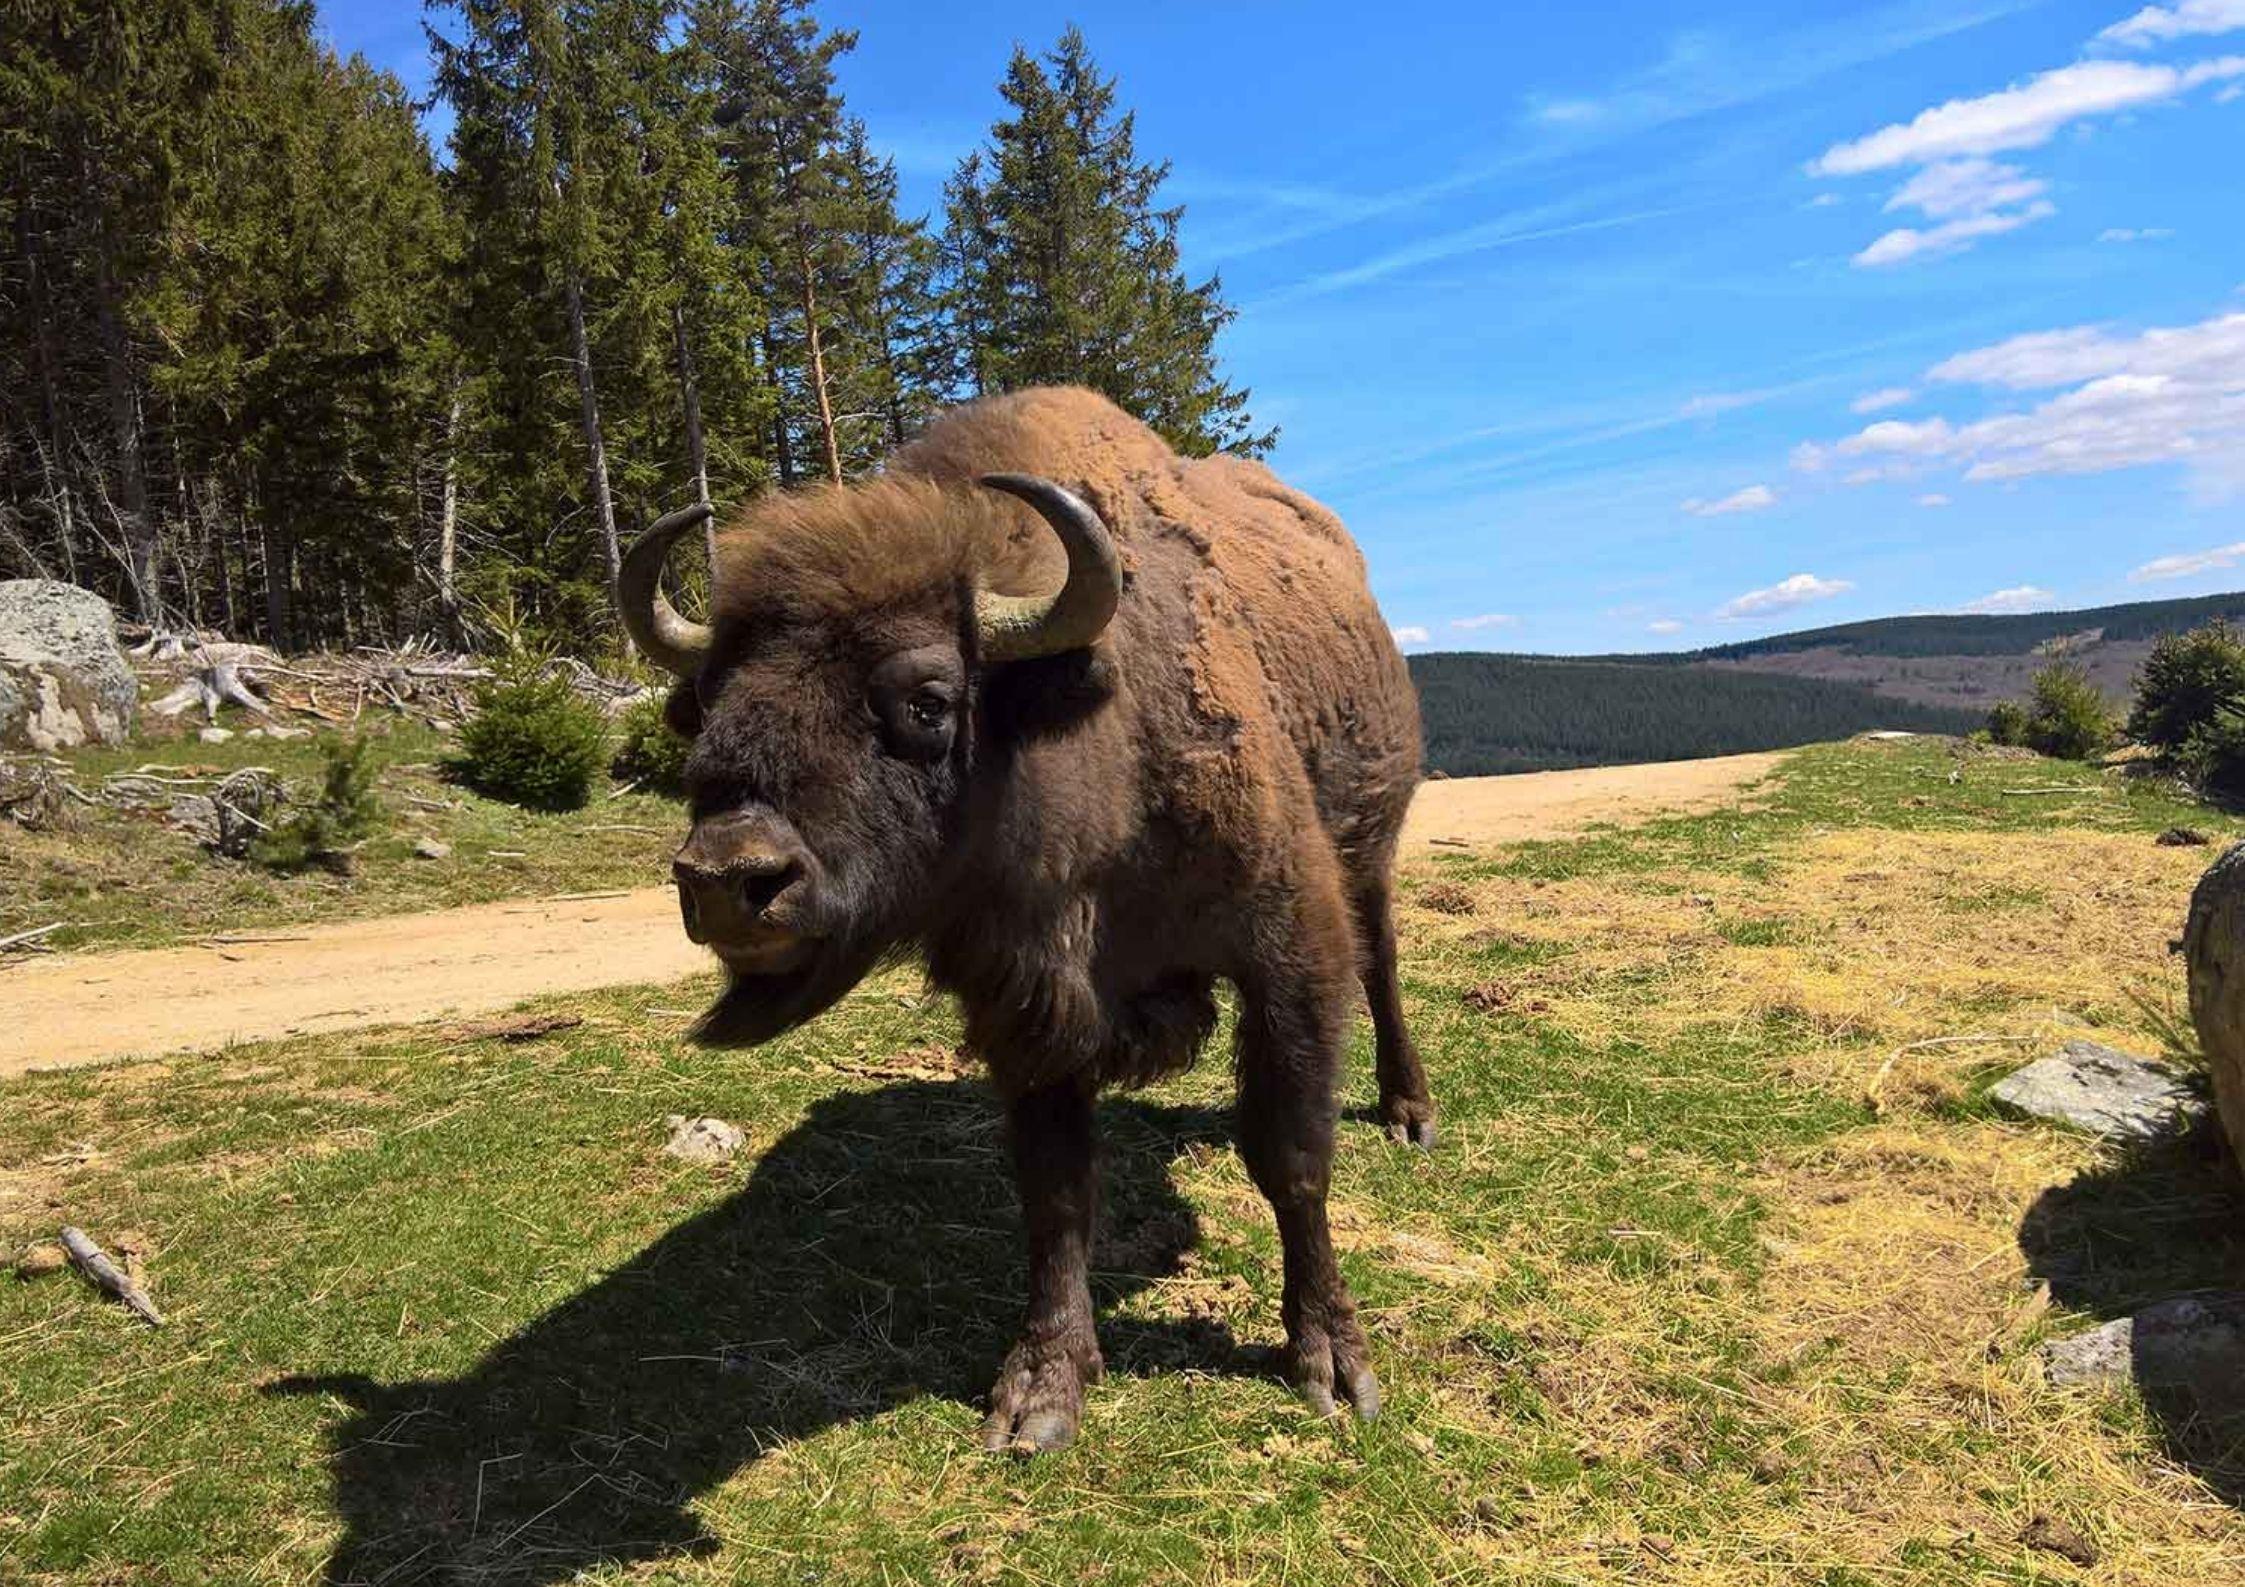 Activités autour de Chanac - Bisons d'Europe